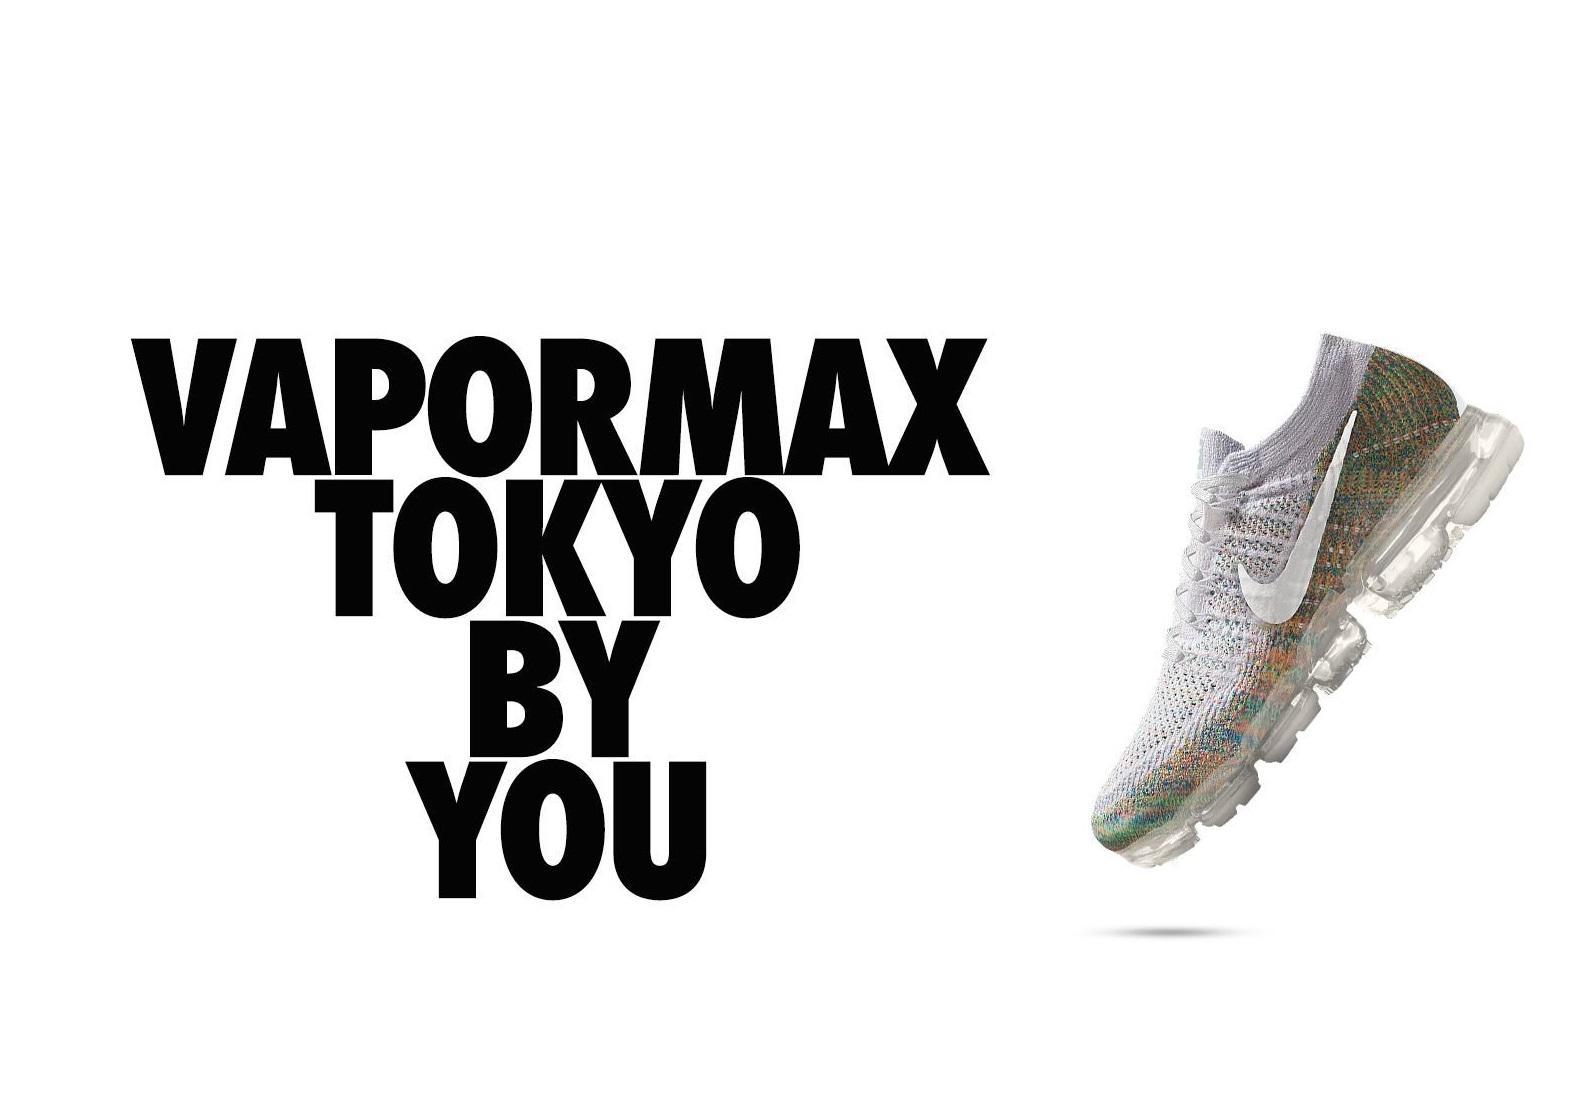 カラーアレンジ可能なVAPORMAXの日本限定モデル「TOKYO」が発売